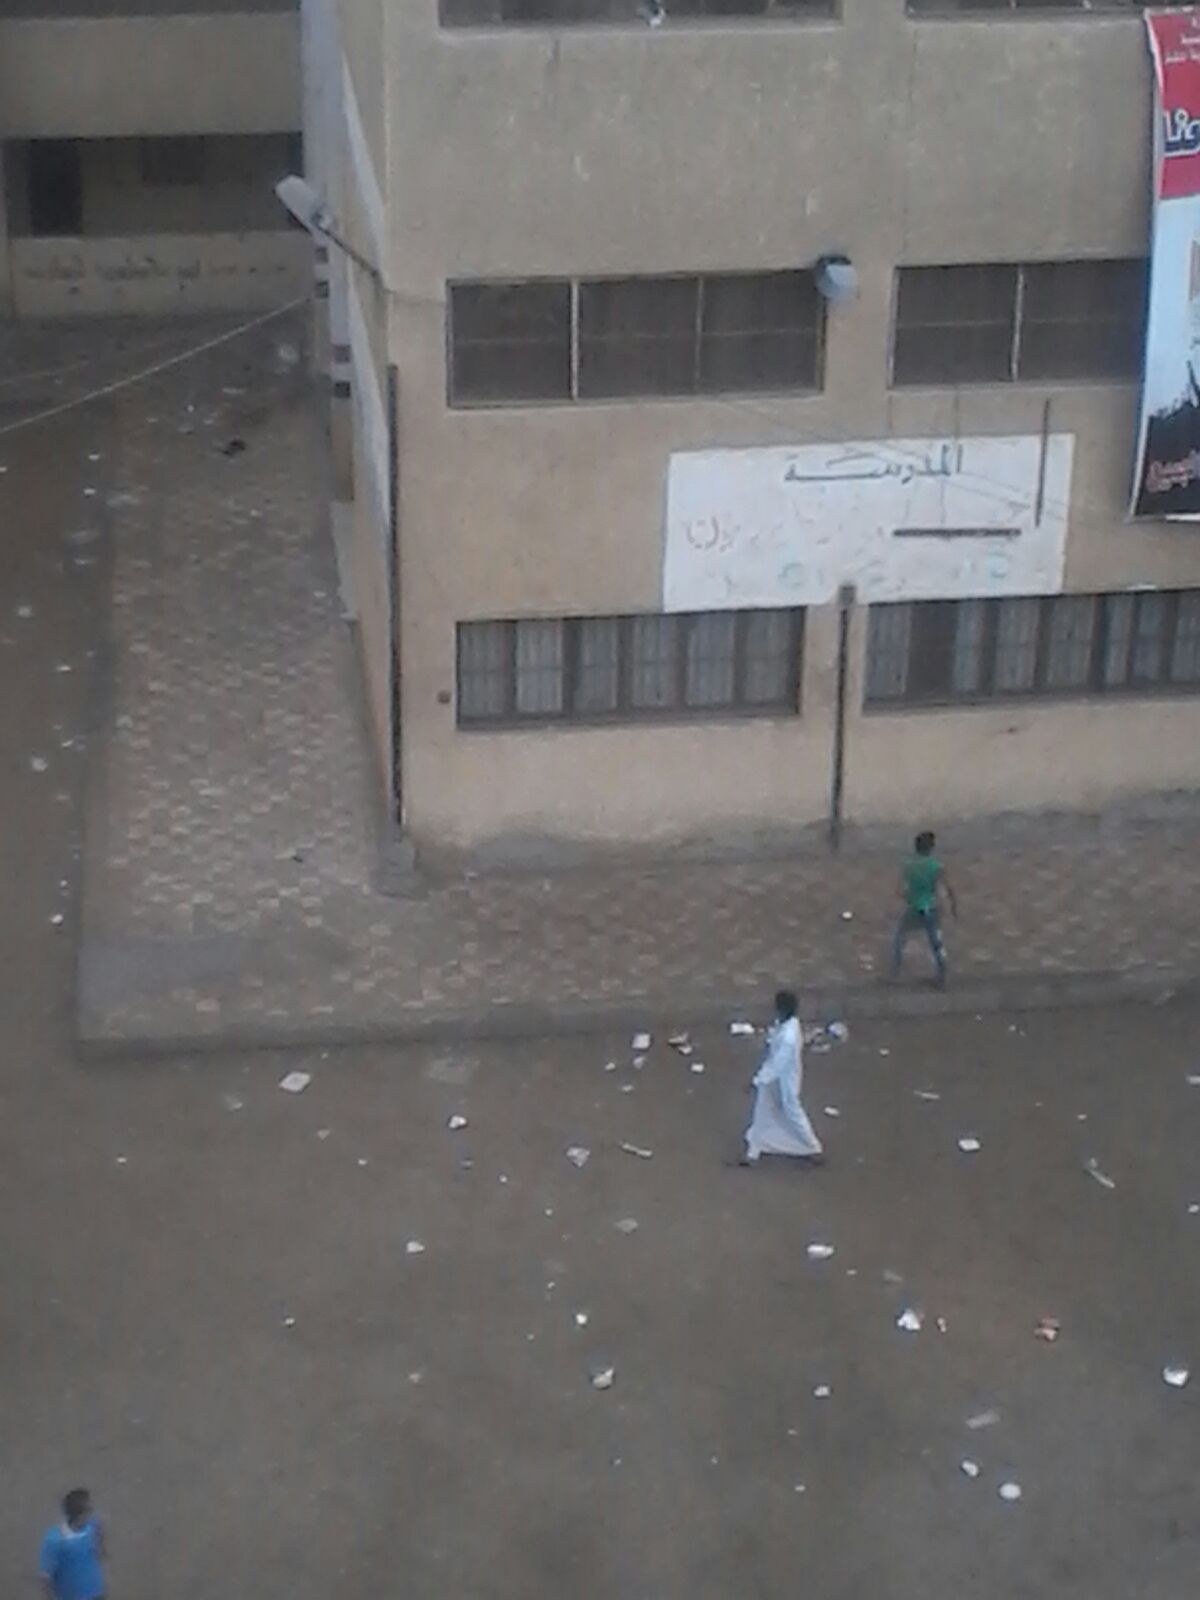 مدرسون بجلابيب ودراجات وسيارات في إحدى مدارس أوسيم بالجيزة